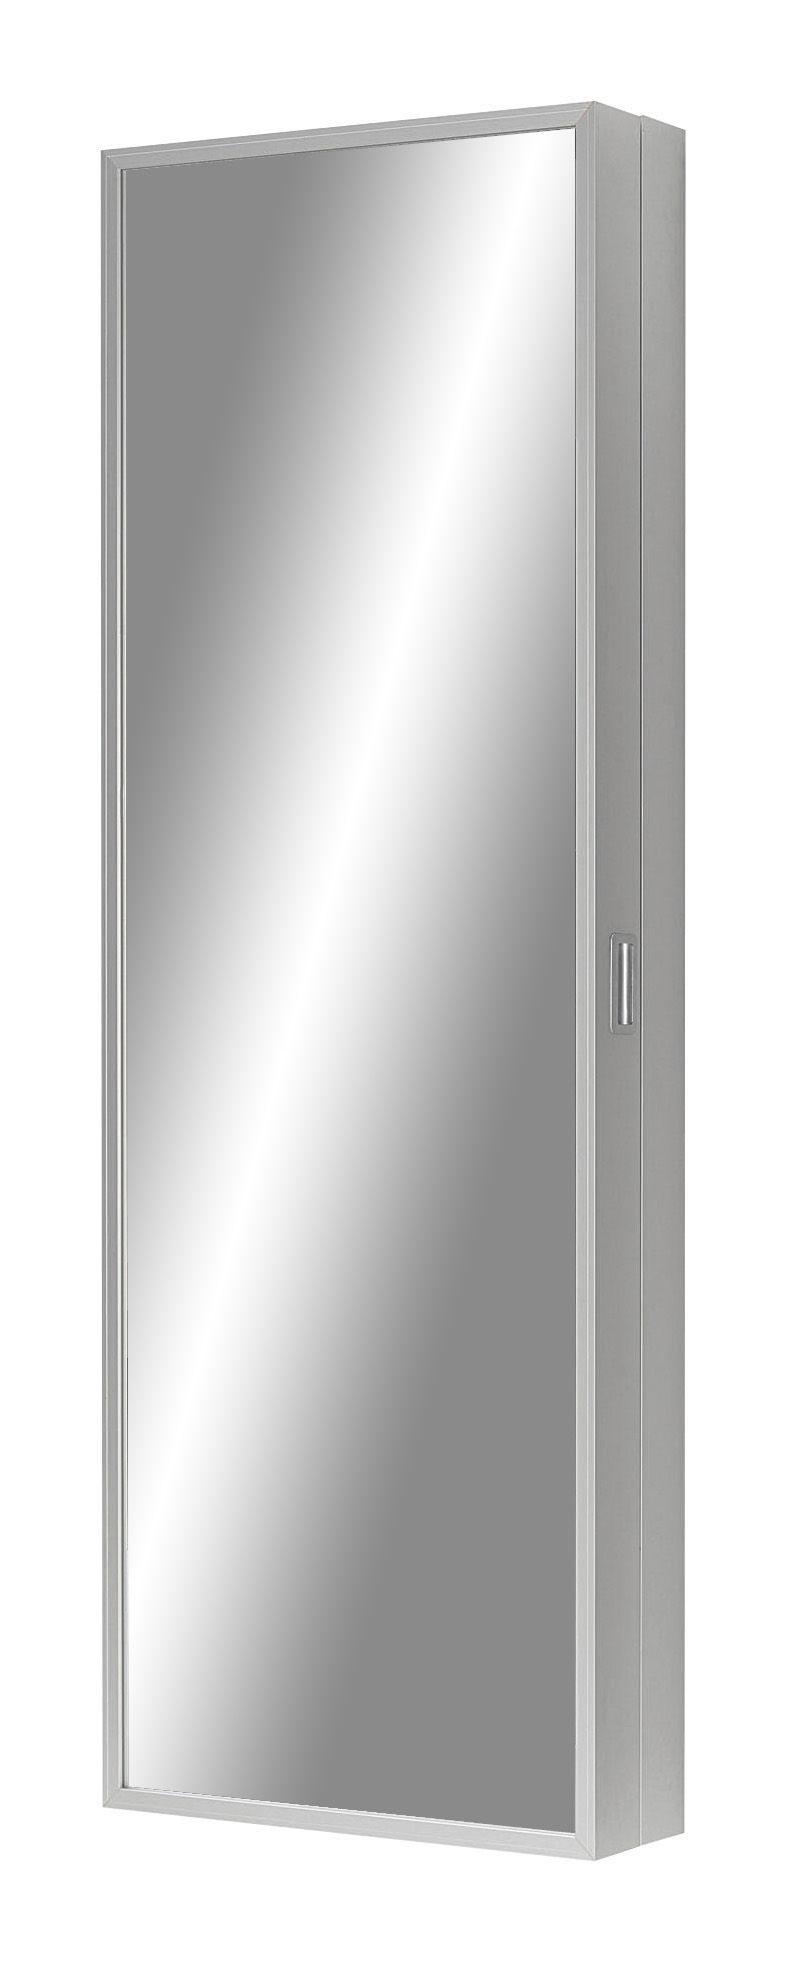 Möbel - Aufbewahrungsmöbel - Foot Box Schuhschrank - Kristalia - Aluminium - Spiegel - eloxiertes Aluminium, Spiegel-Finish